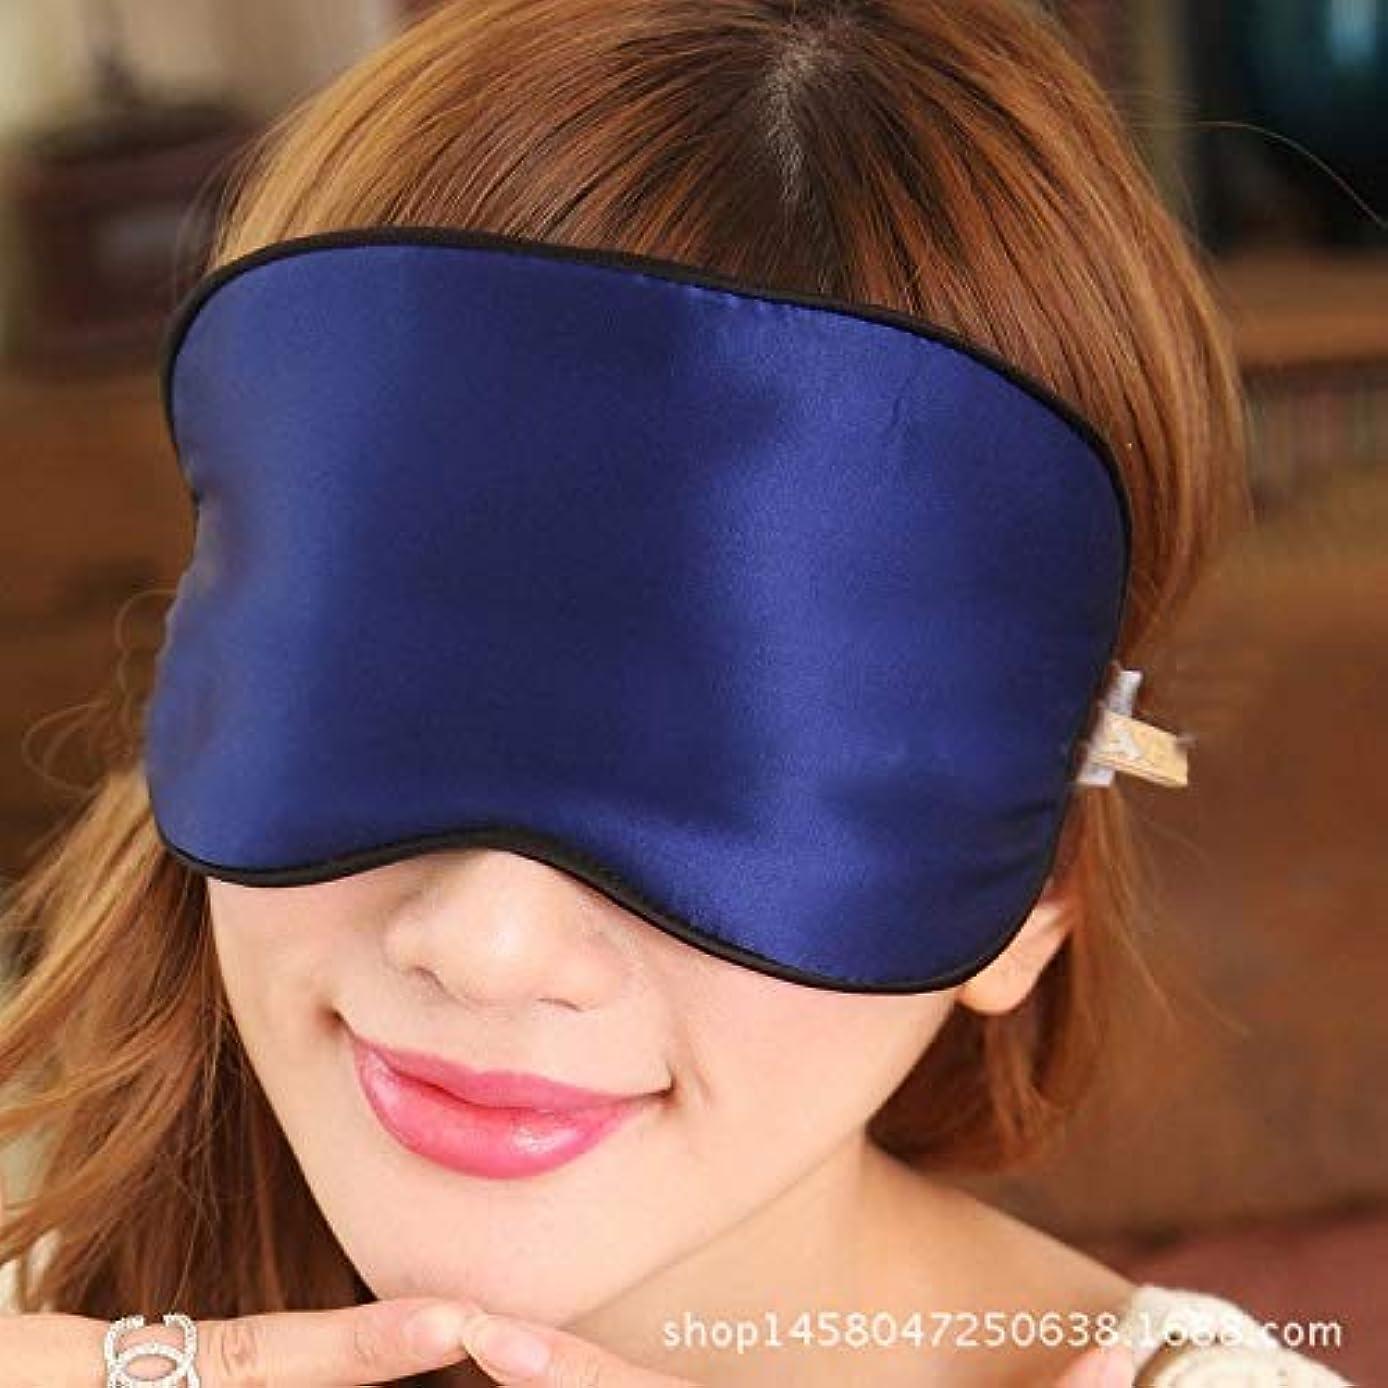 検出器インタラクション元のNOTE Mrosaaソフトシルクトラベルアイマスクコンフォート通気性女性男性シェーディングスリープアイマスクスリープマスク